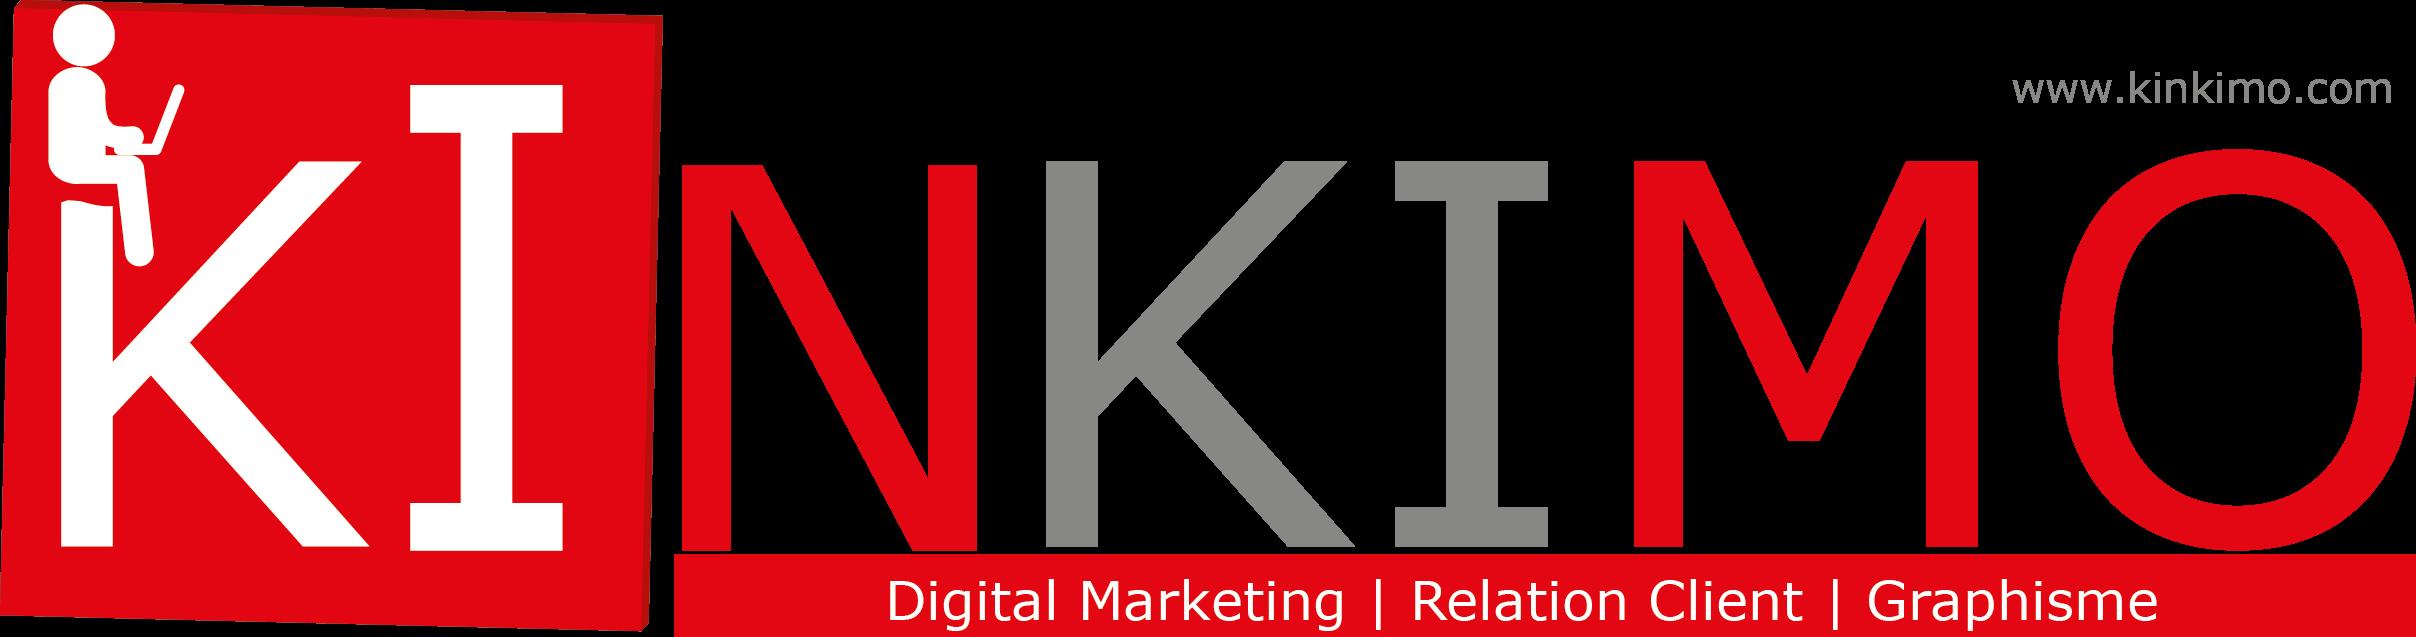 Kinkimo, spécialiste de la rédaction de contenu web